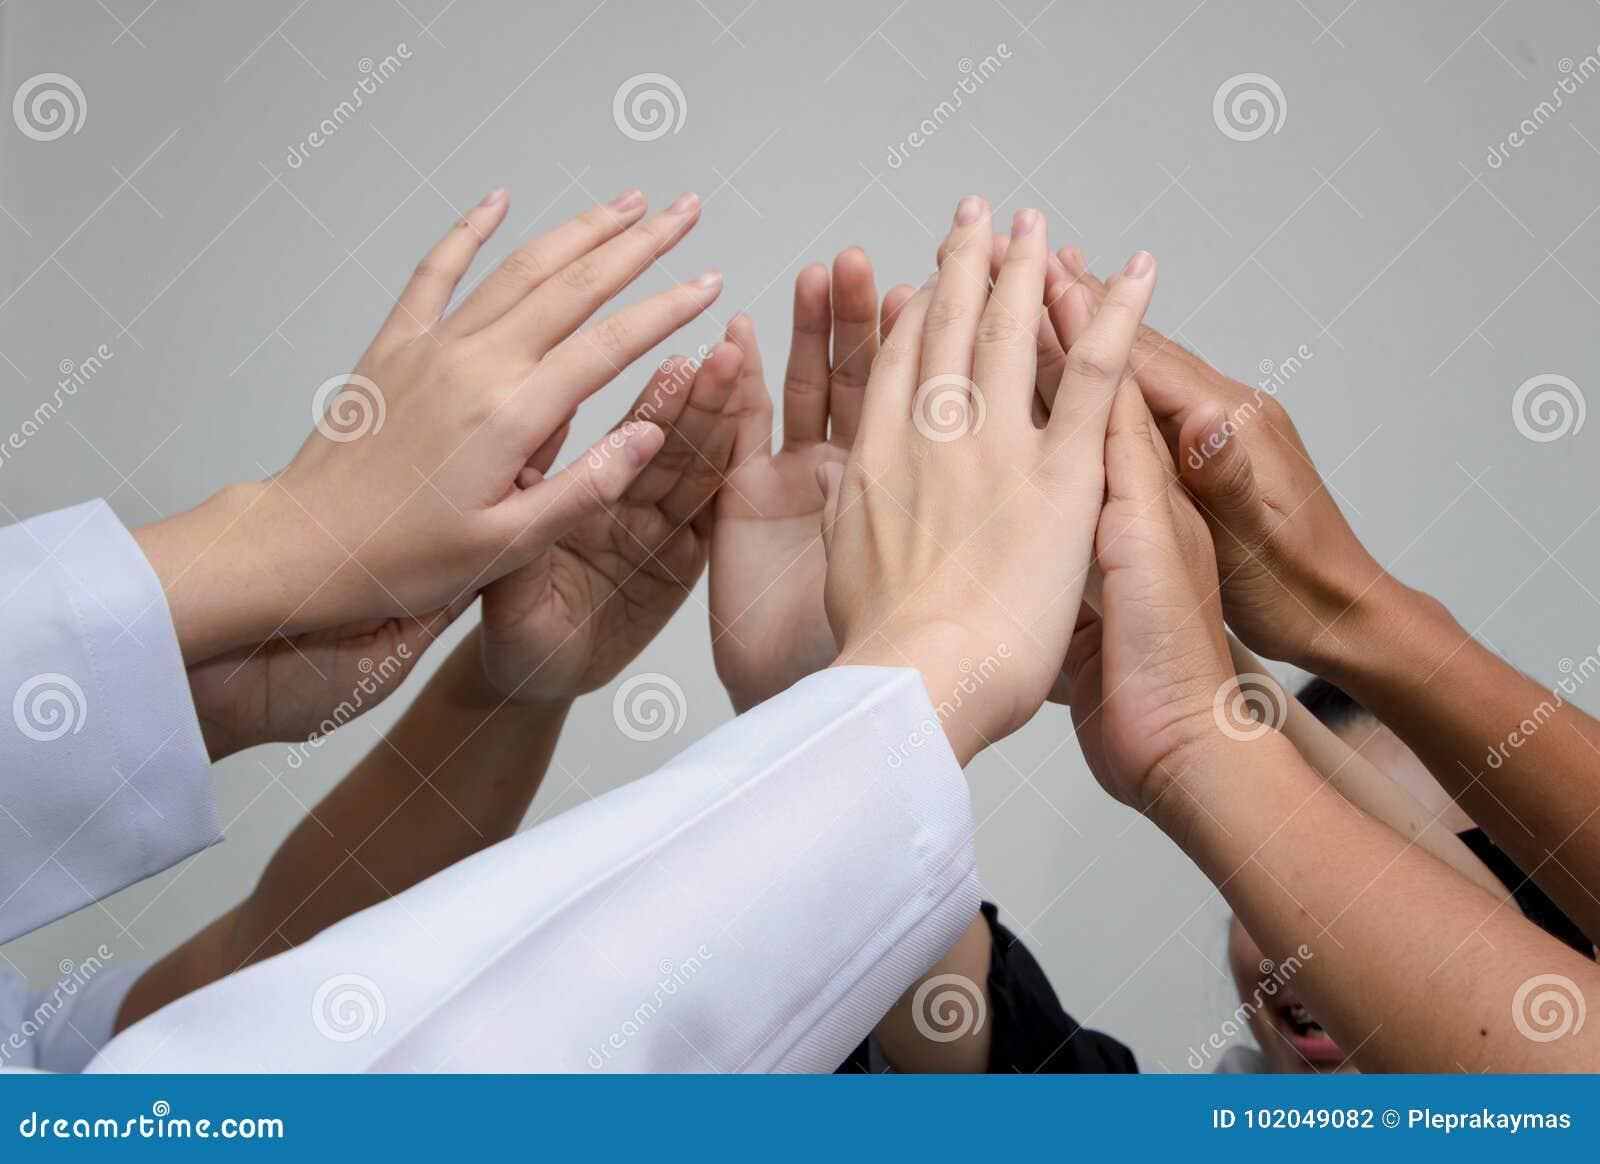 Lekarki i pielęgniarki w zaopatrzenia medycznego sztaplowania rękach